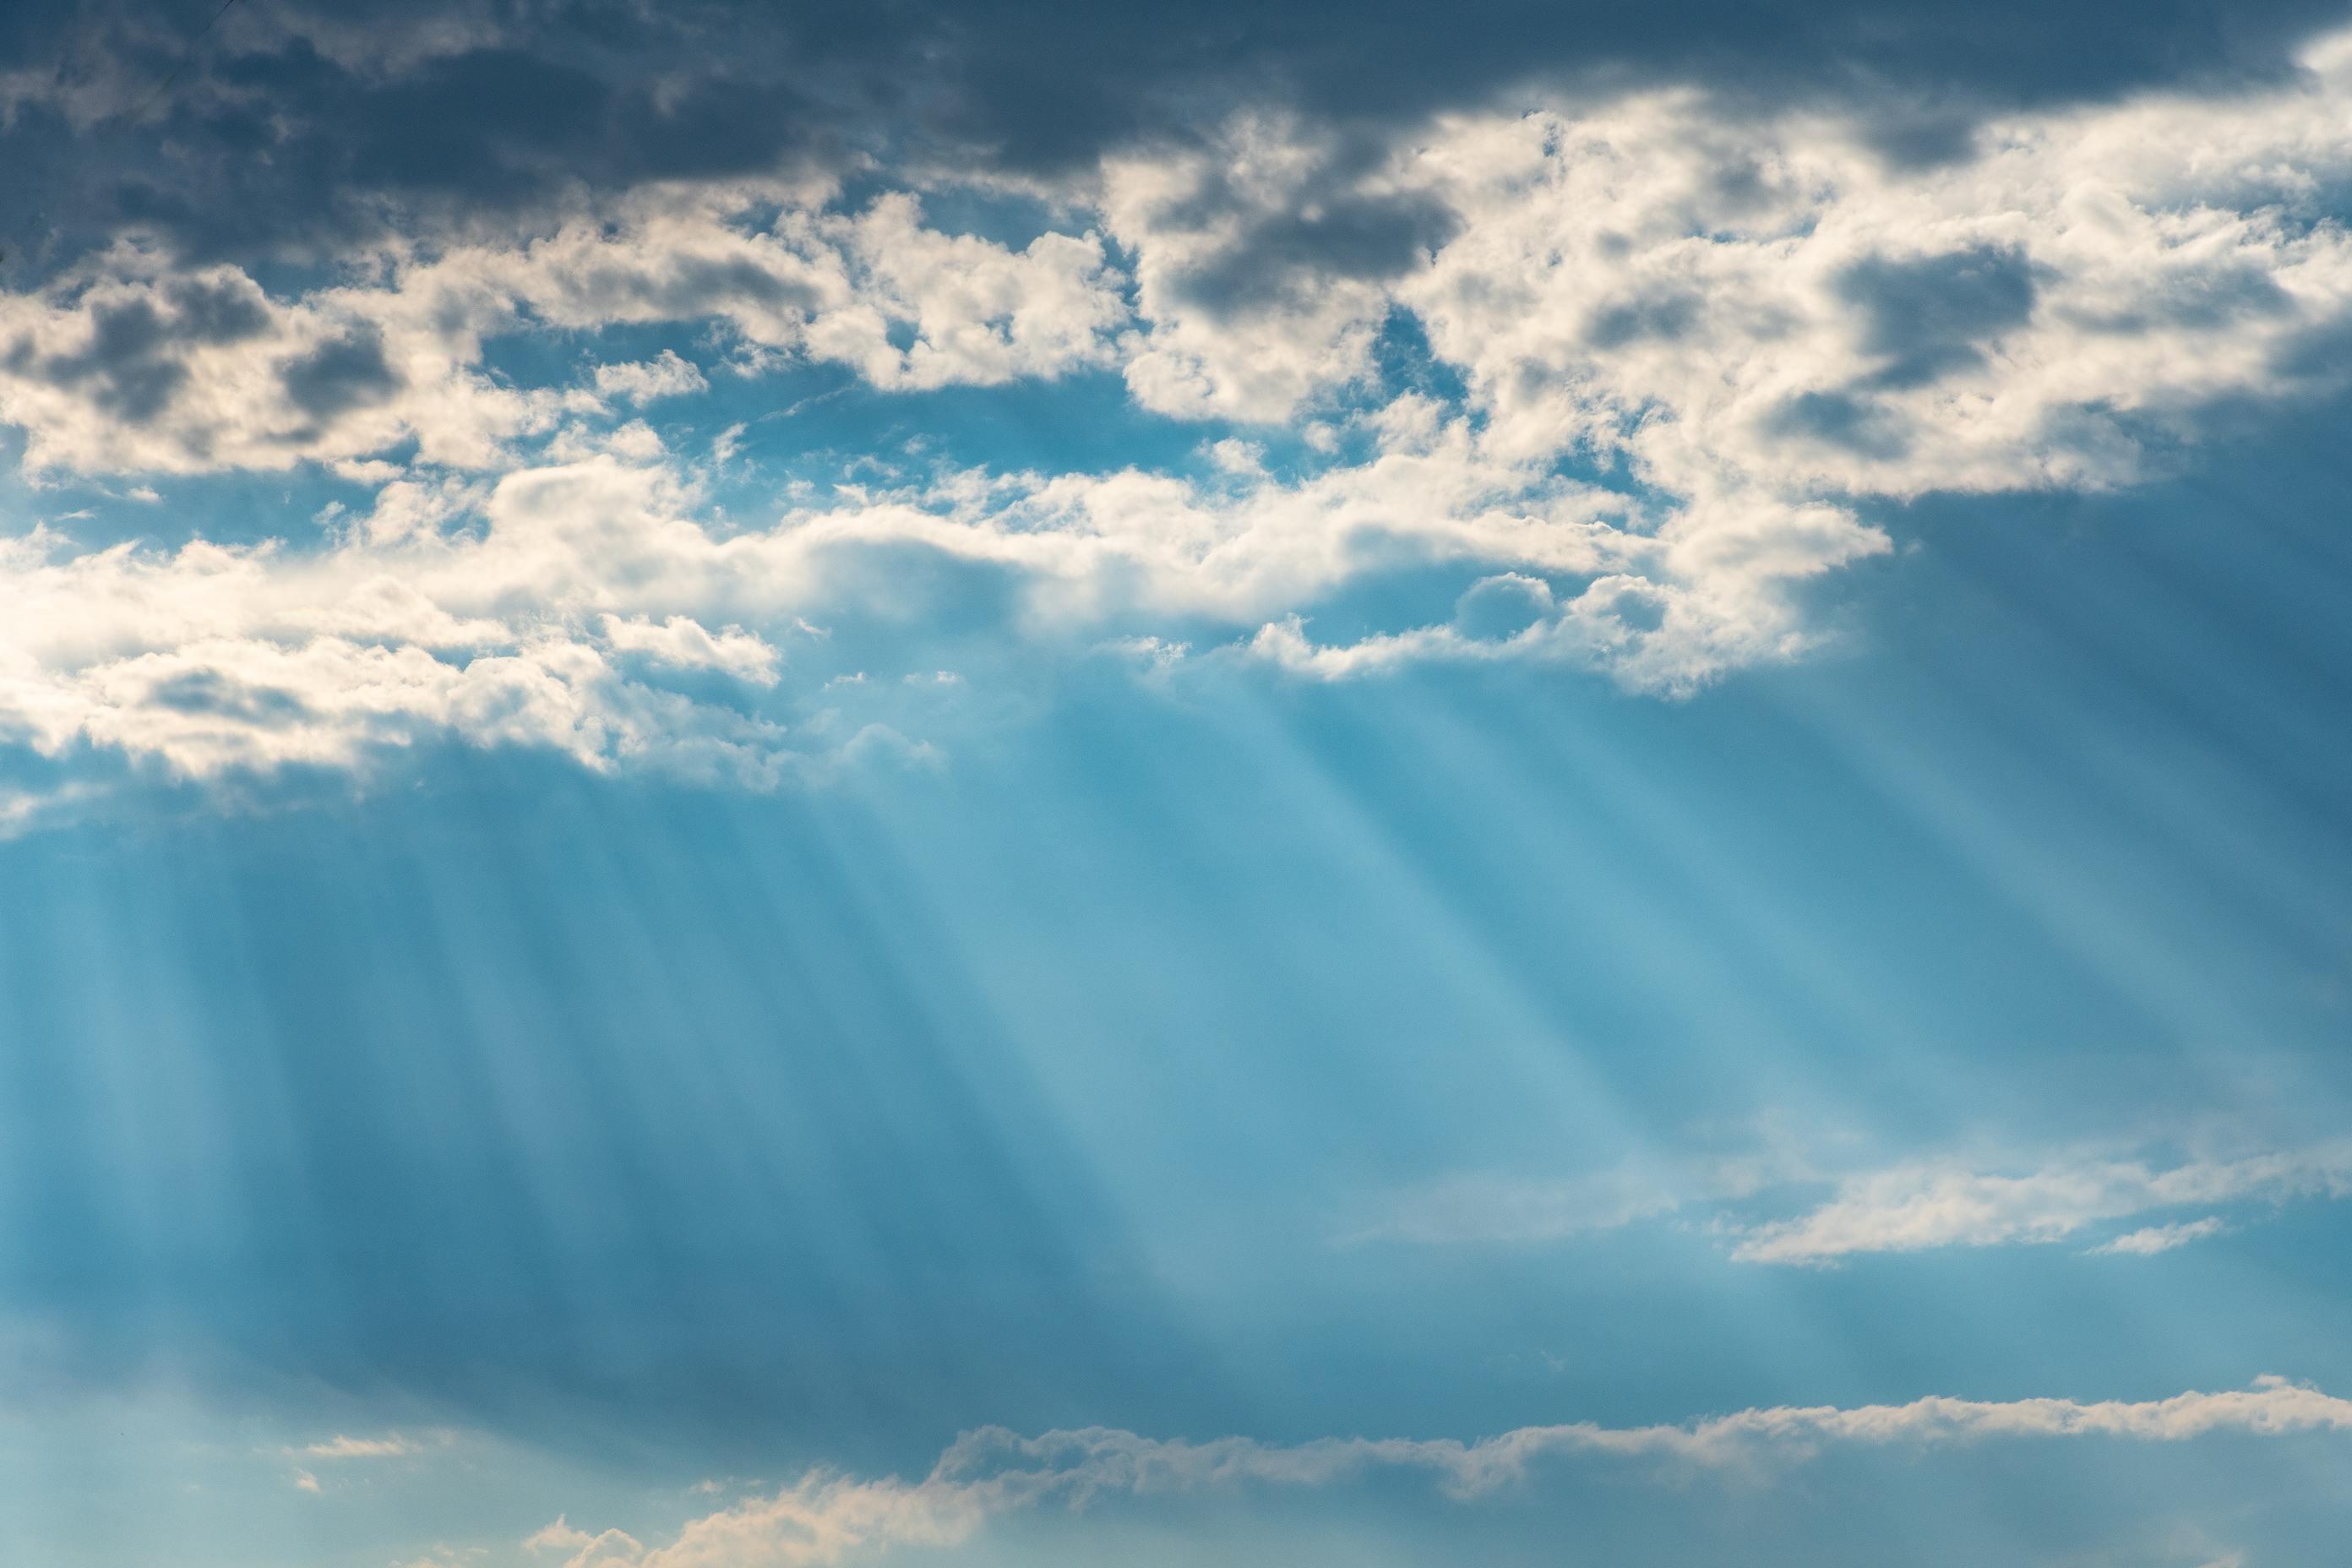 Ảnh bầu trời xanh mây trắng đẹp nhất